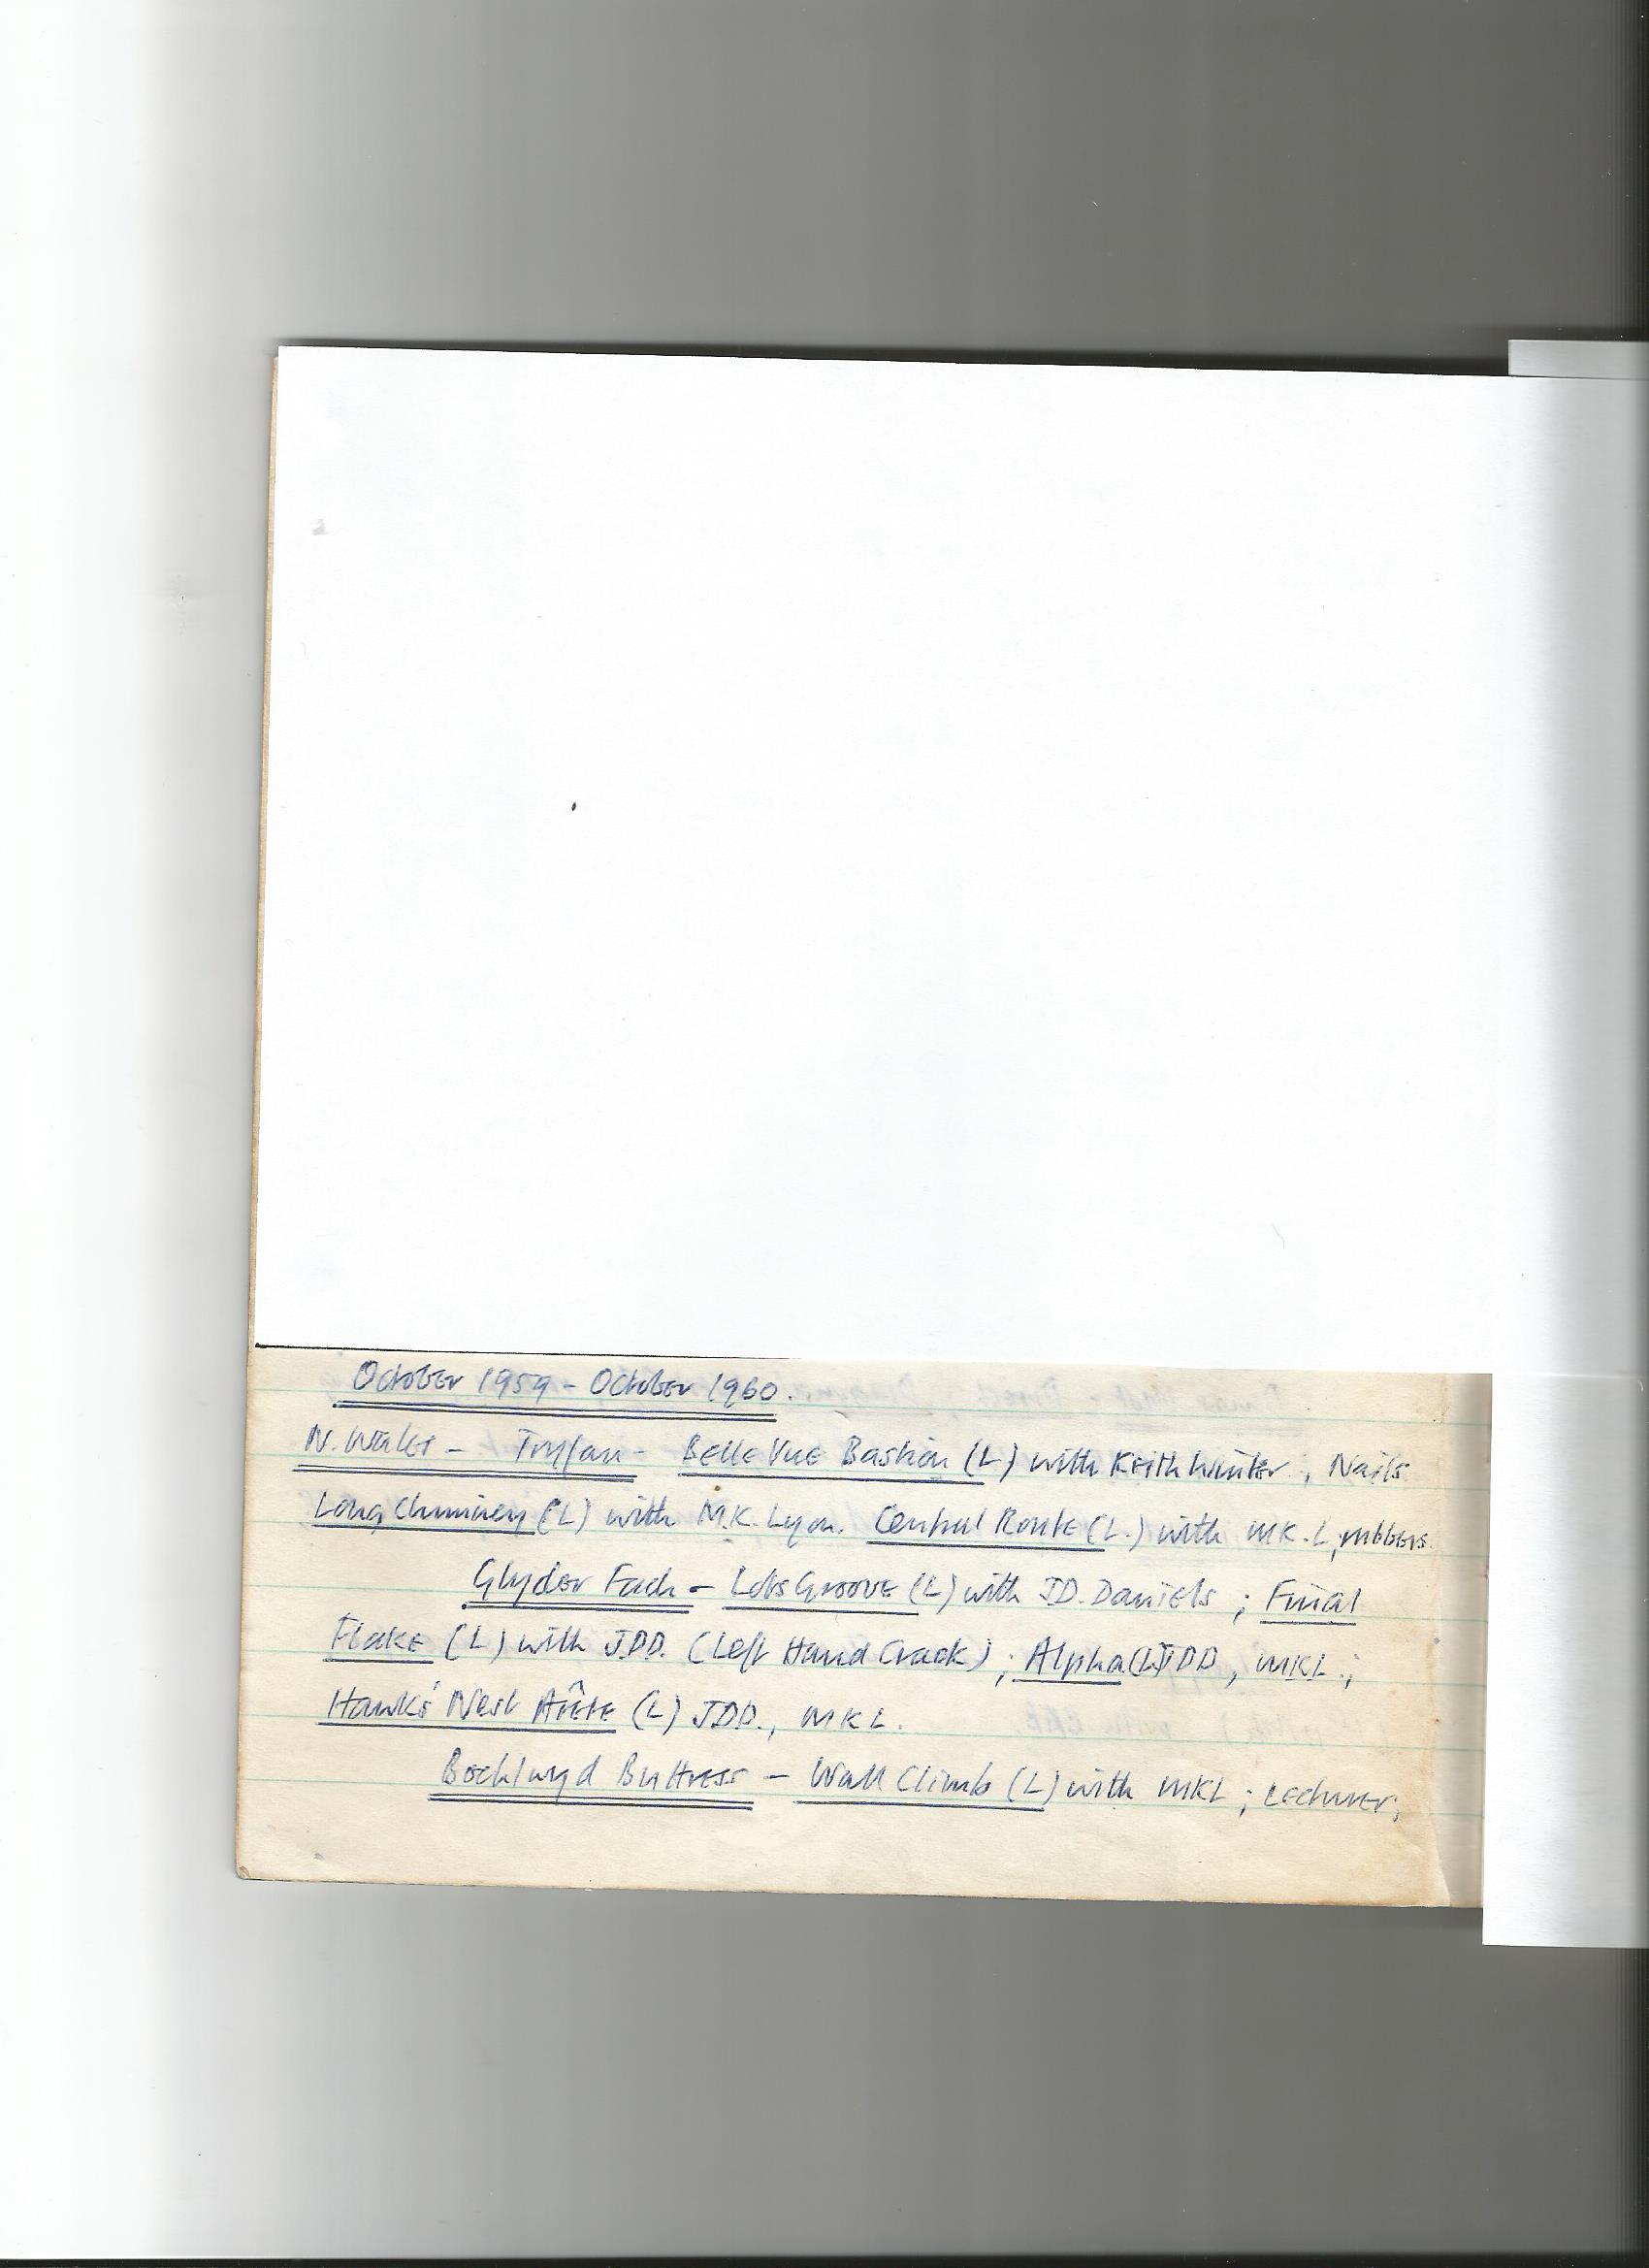 Barry Brewster Climbing Log October 1959 - October 1960